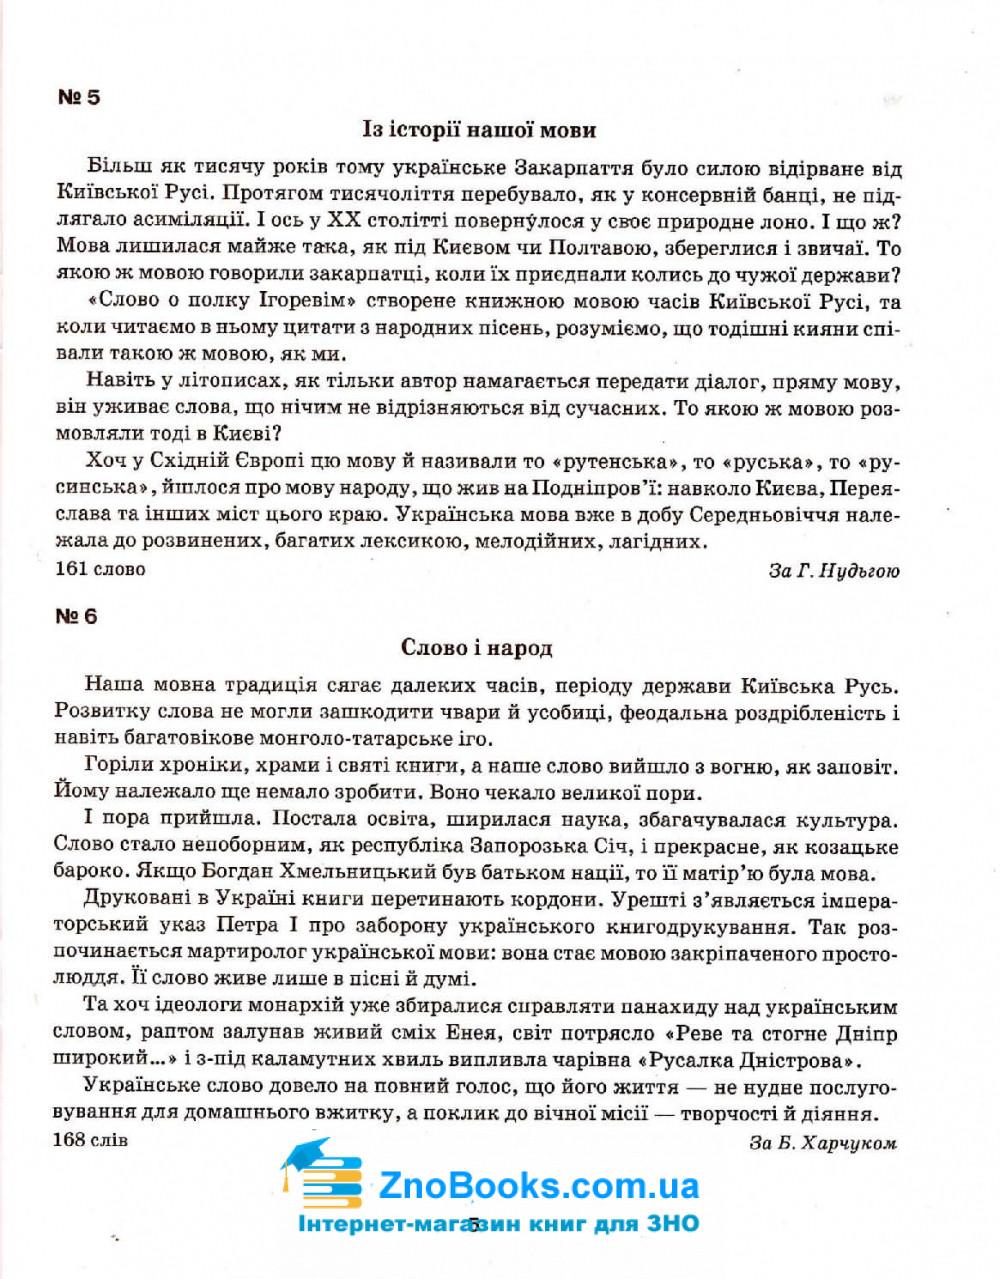 ДПА 2020 Українська мова (Єременко) 9 клас. Збірник диктантів для ДПА. Освіта купити 6